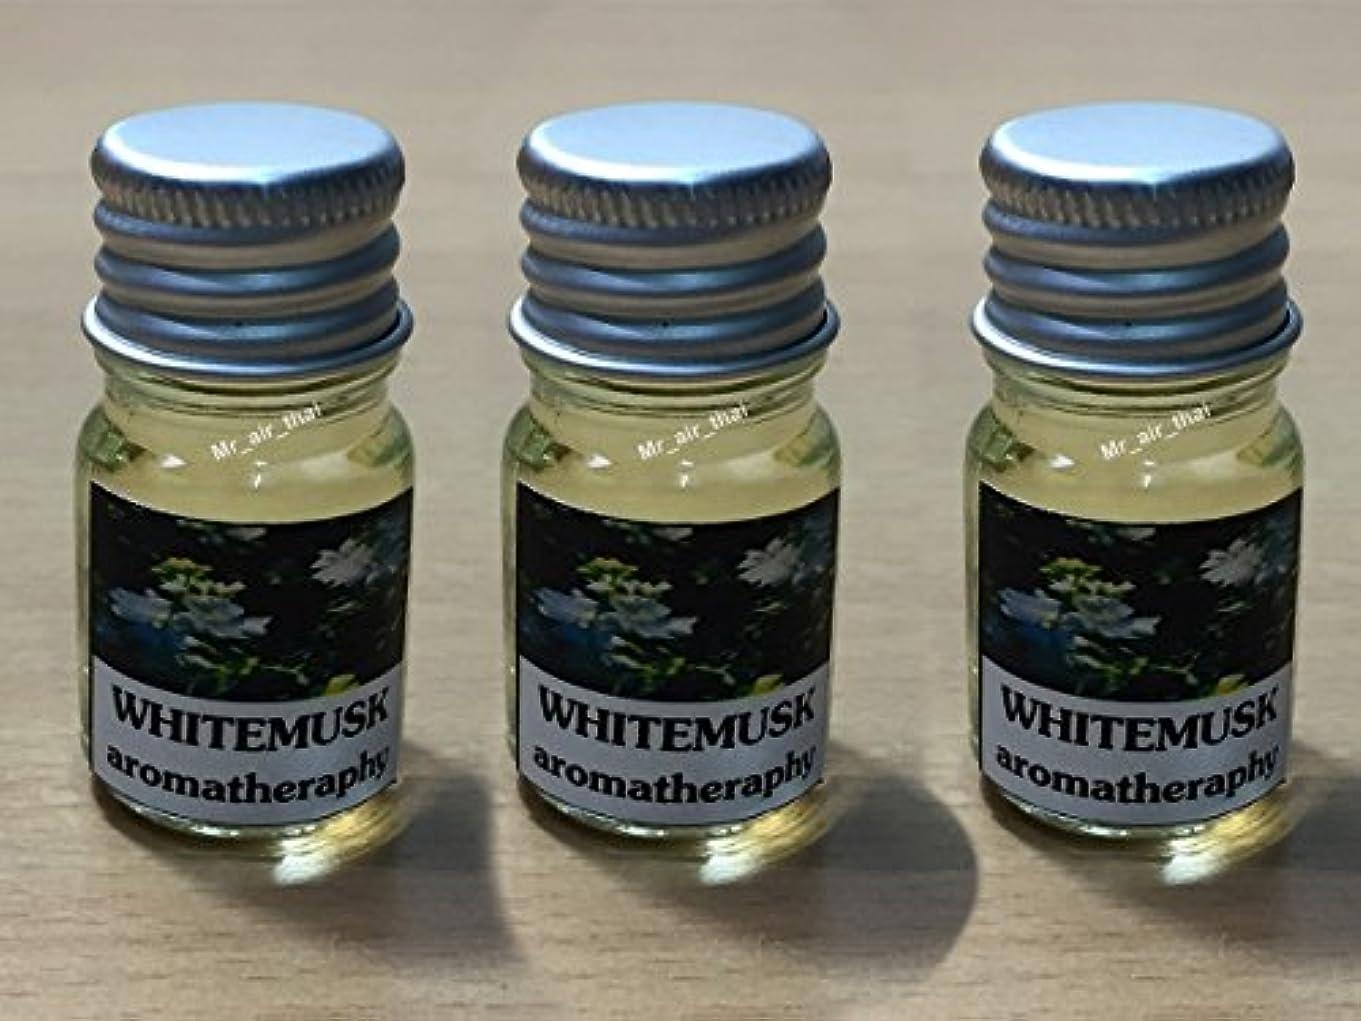 エコーアクチュエータ作曲する3個セット,5ミリリットルアロマホワイトムスクフランクインセンスエッセンシャルオイルボトルアロマテラピーオイル自然自然 3PC 5ml Aroma Whitemusk Frankincense Essential Oil...